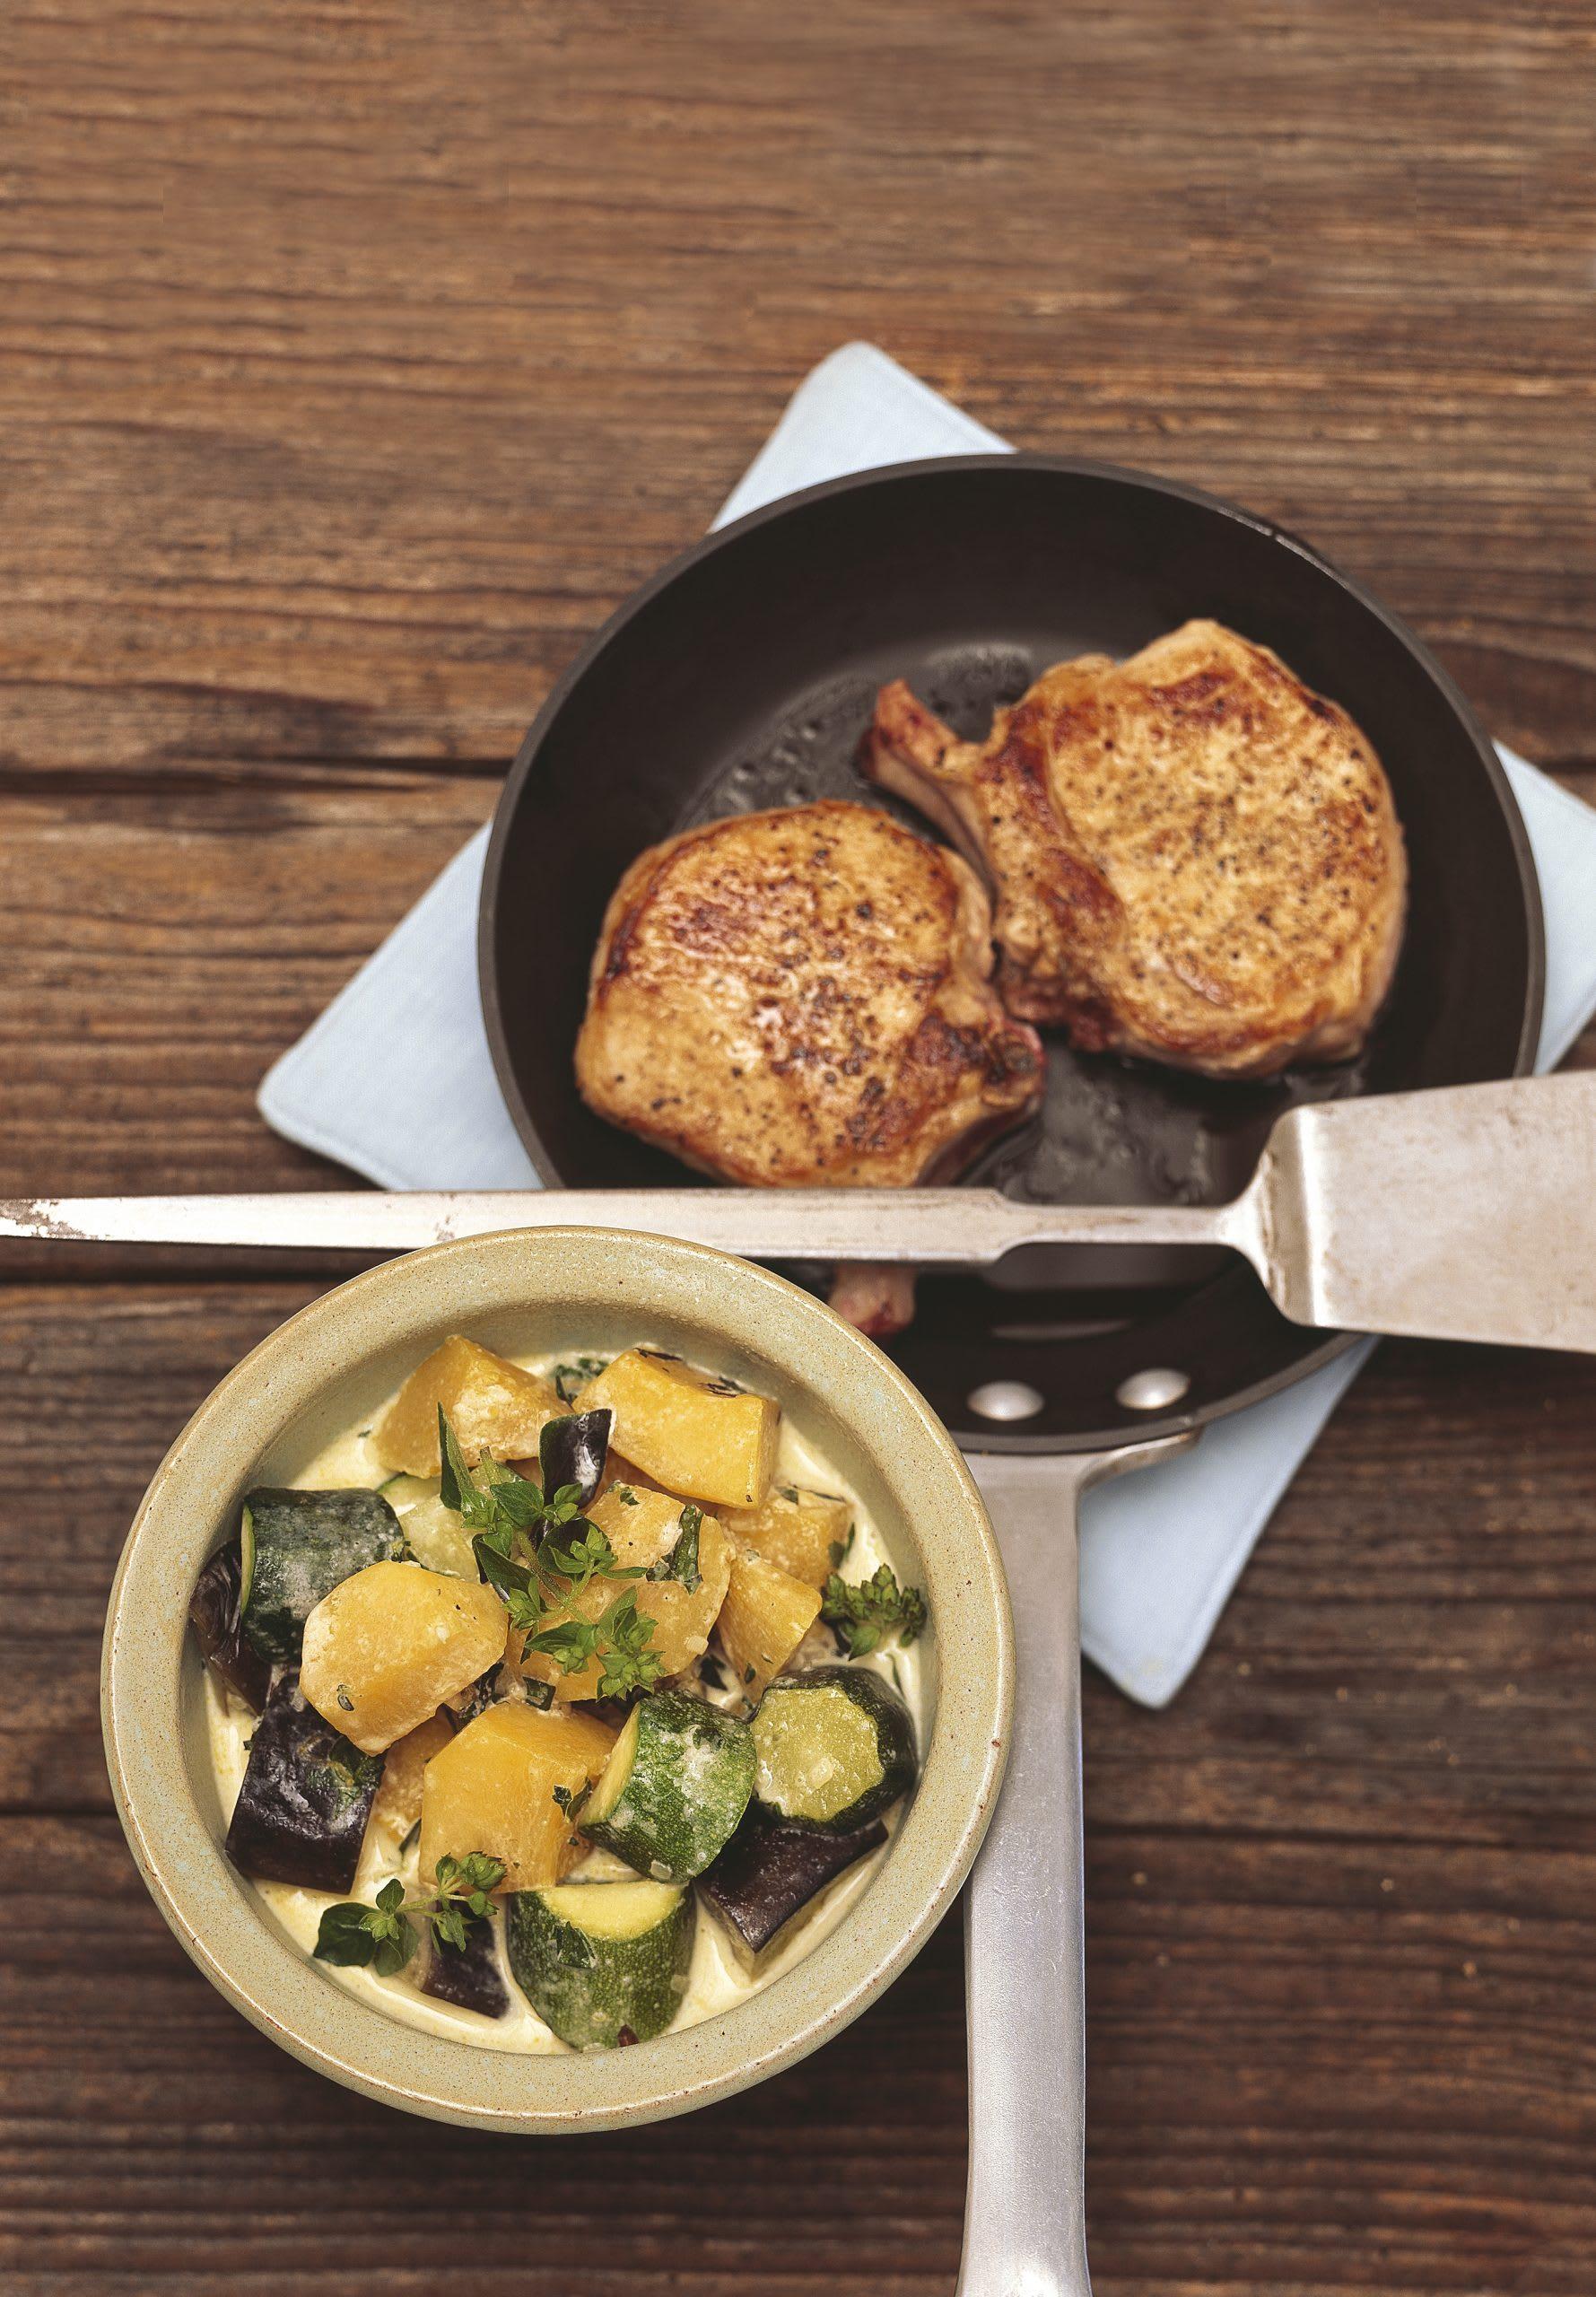 Ragoût de légumes et côtelettes (low carb)